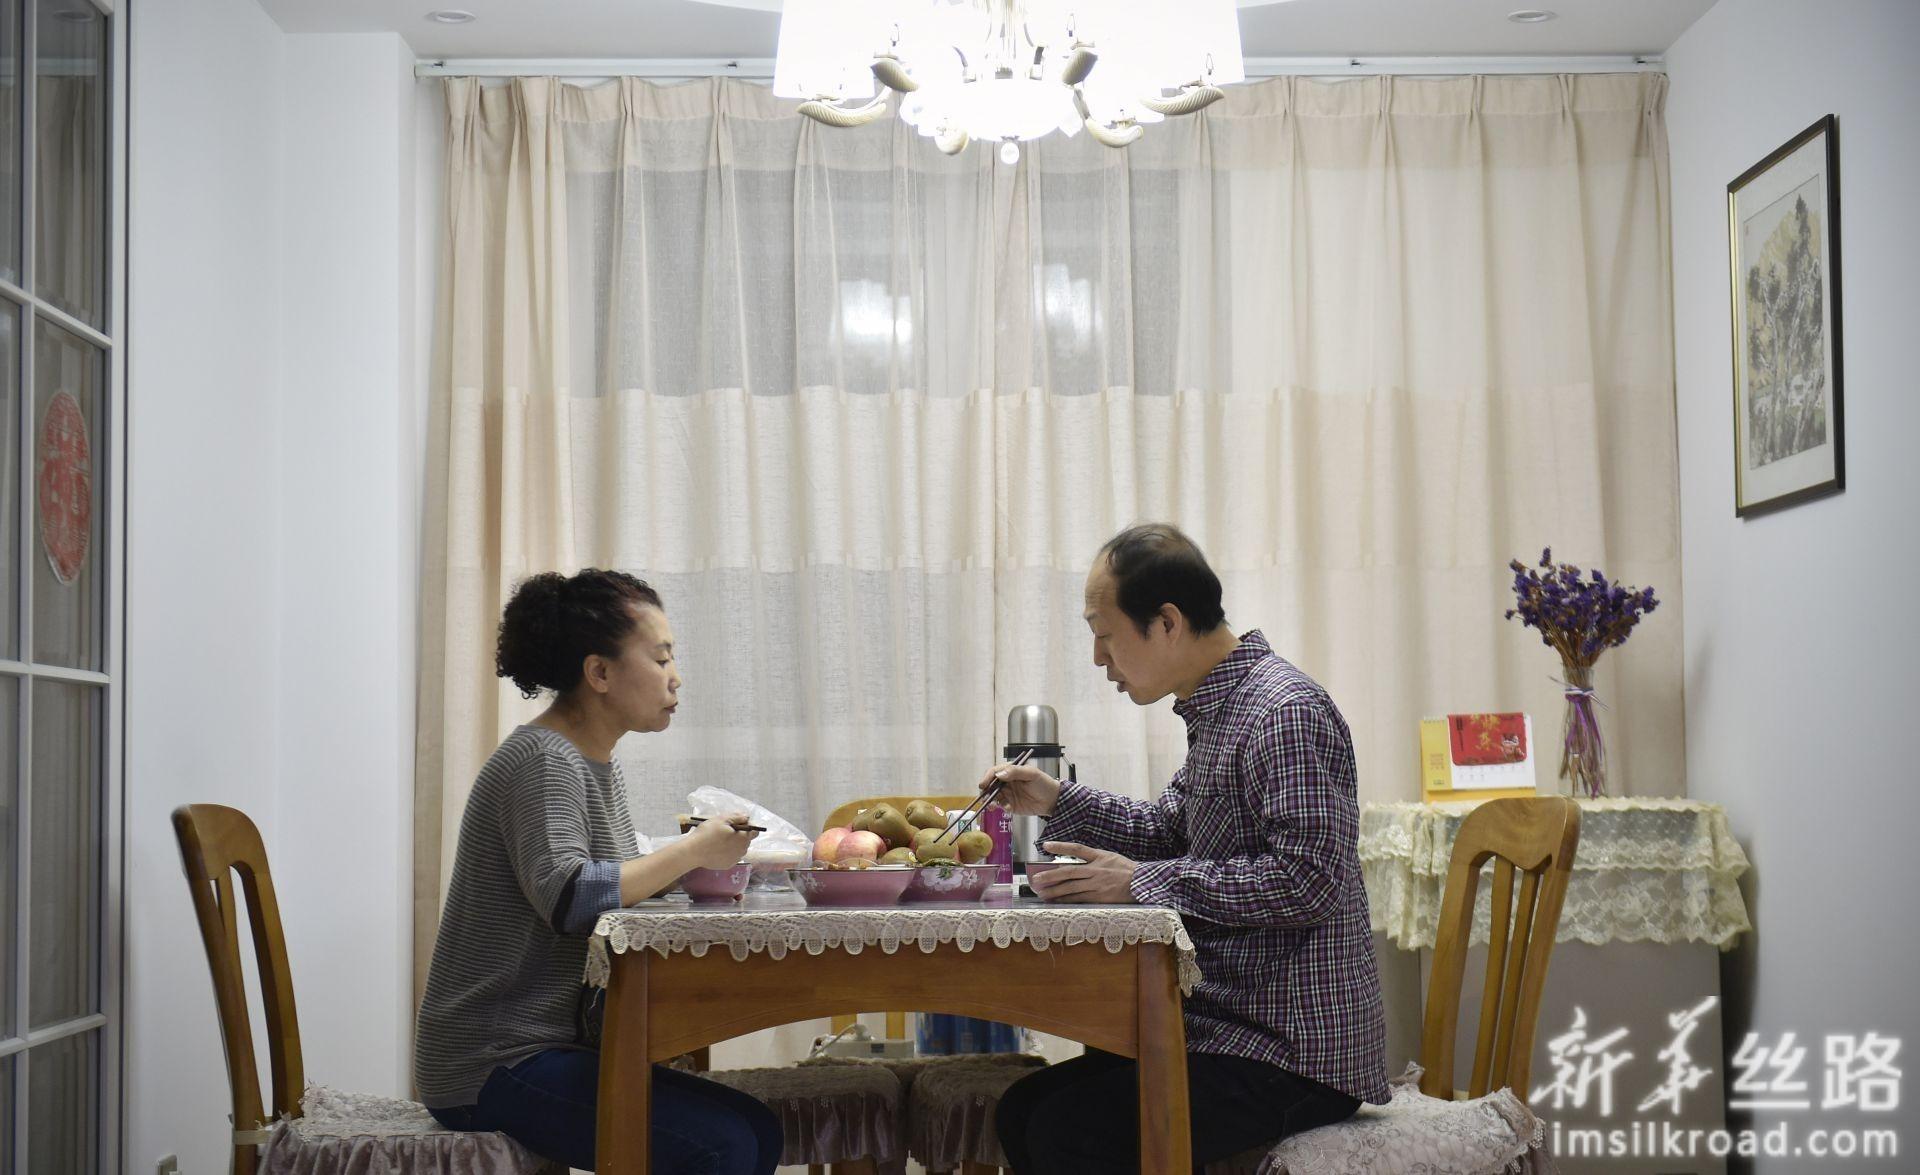 林学斌(右)在家和妻子吃晚饭(4月29日摄)。新华社记者 姚剑锋 摄